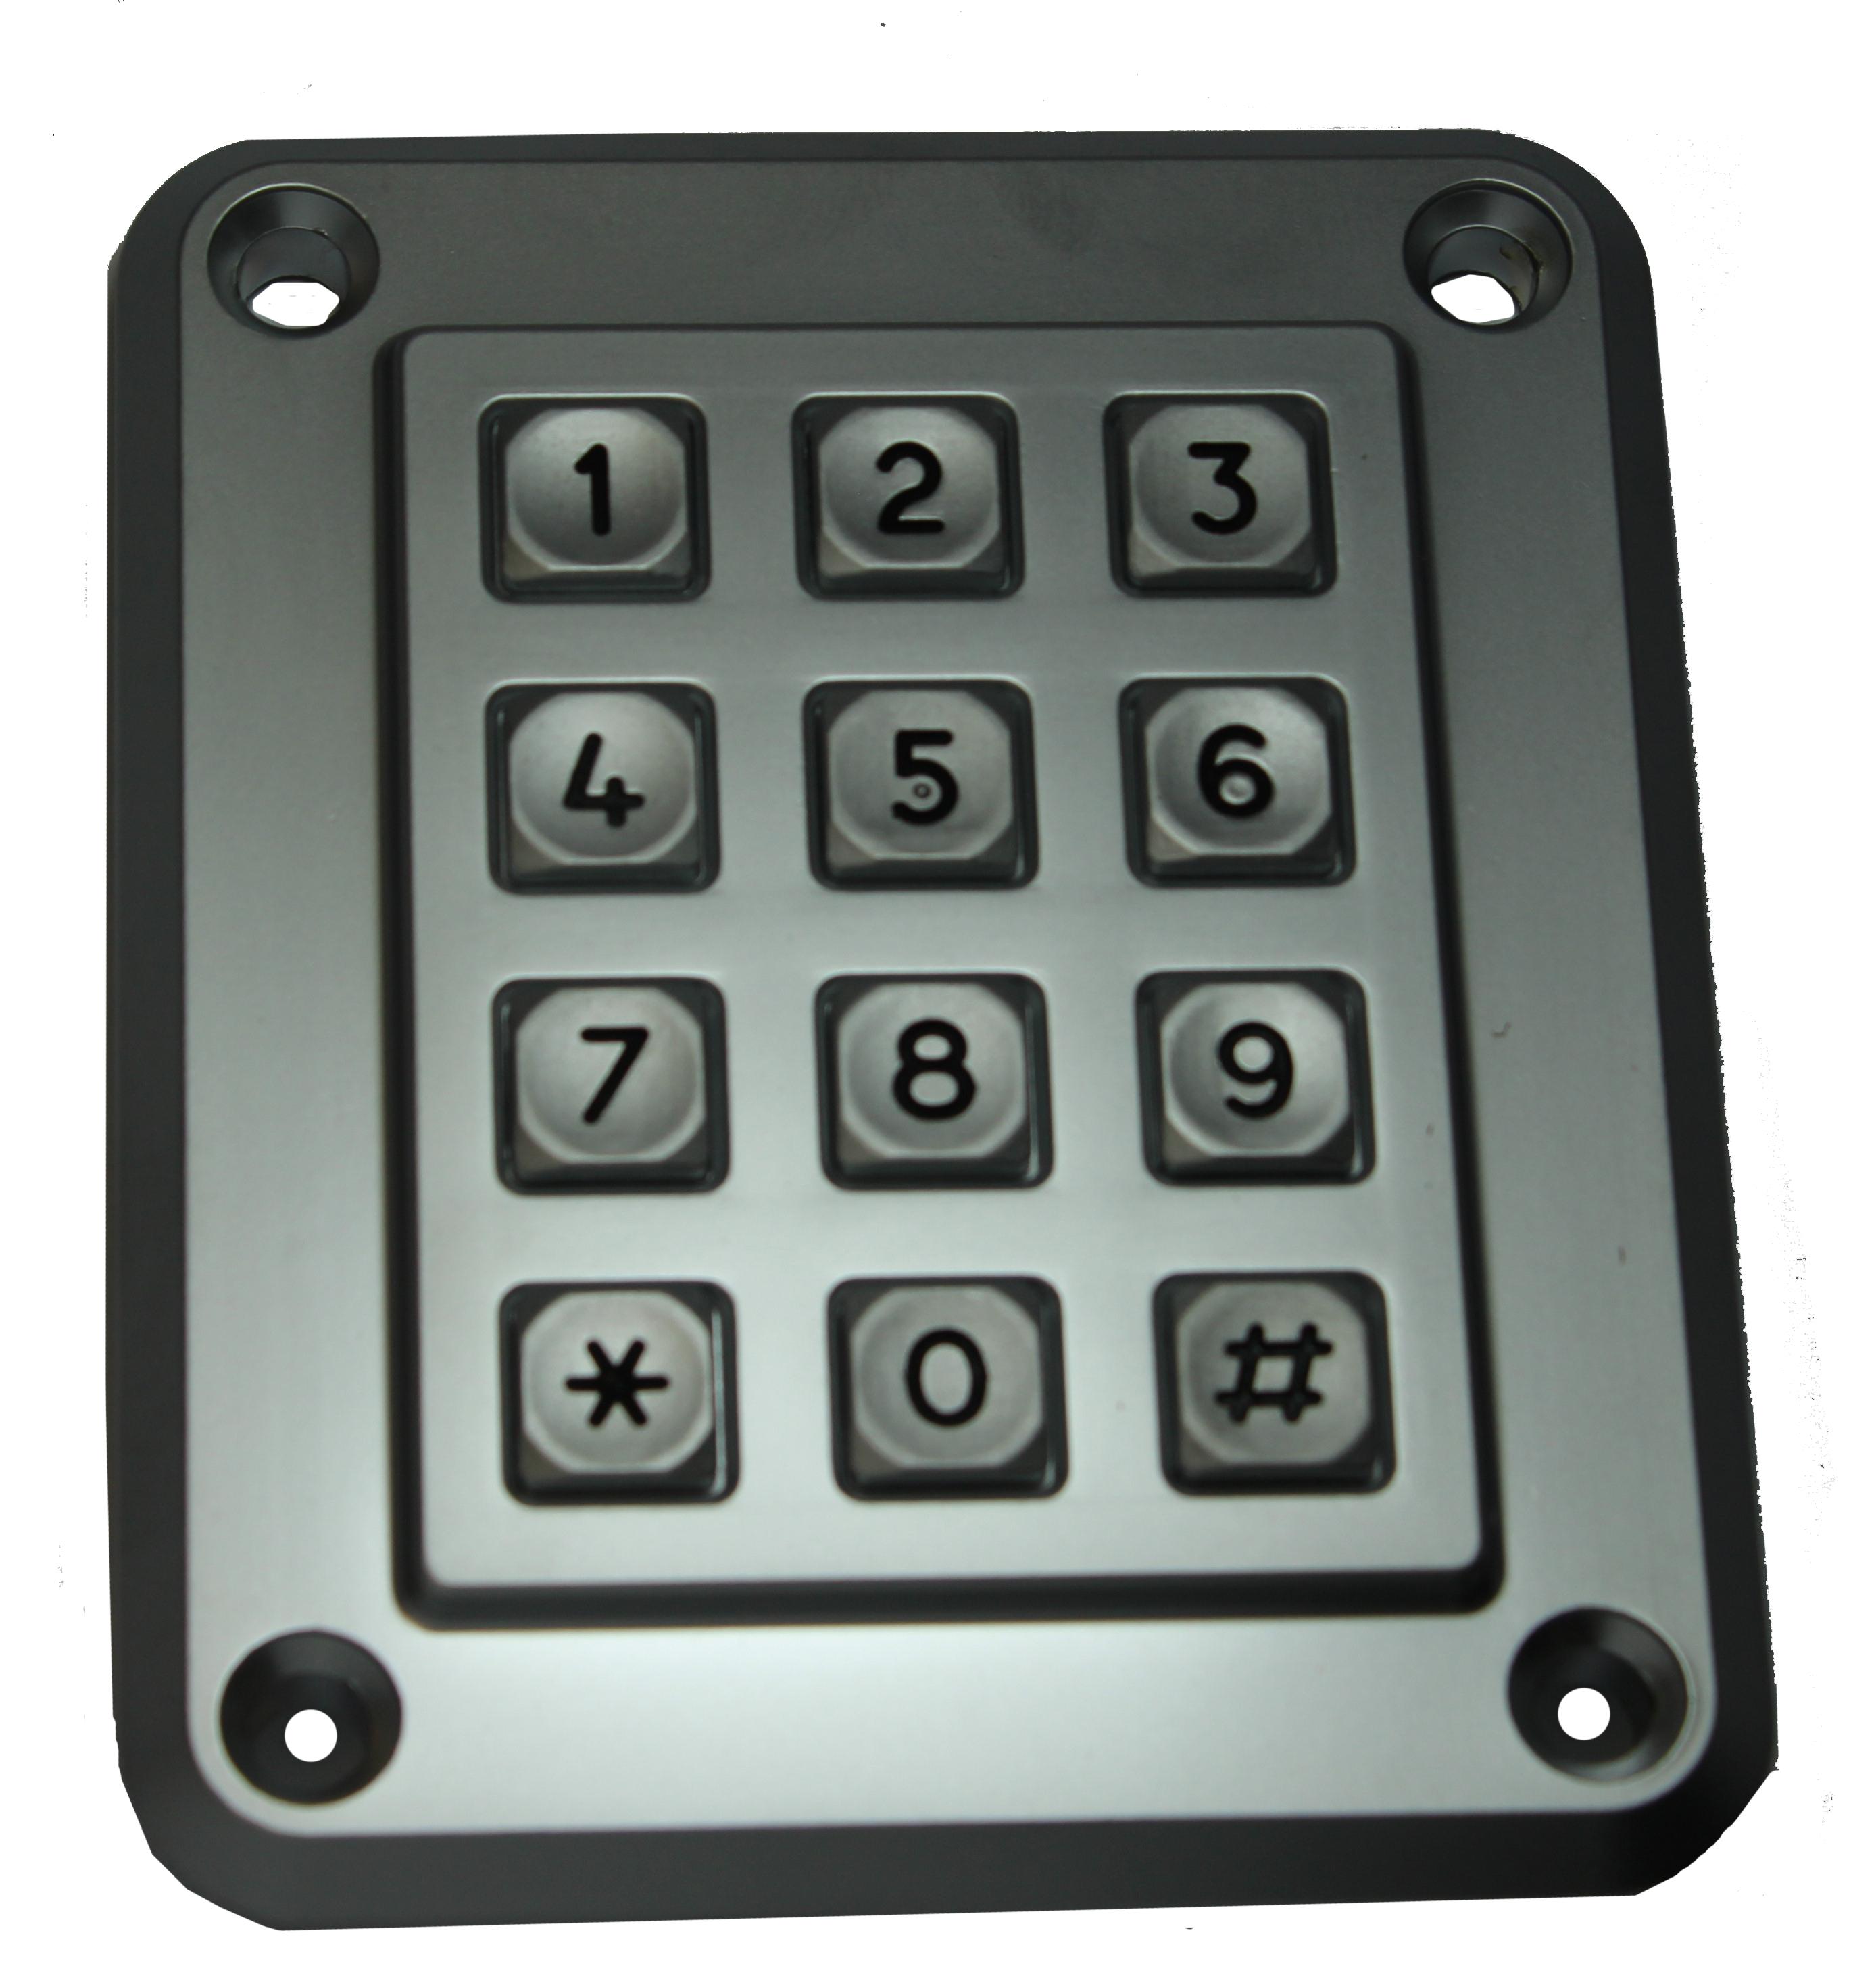 Keypad S Series 3X4 TEL | Access Innovators Keypad S Series 3X4 TEL